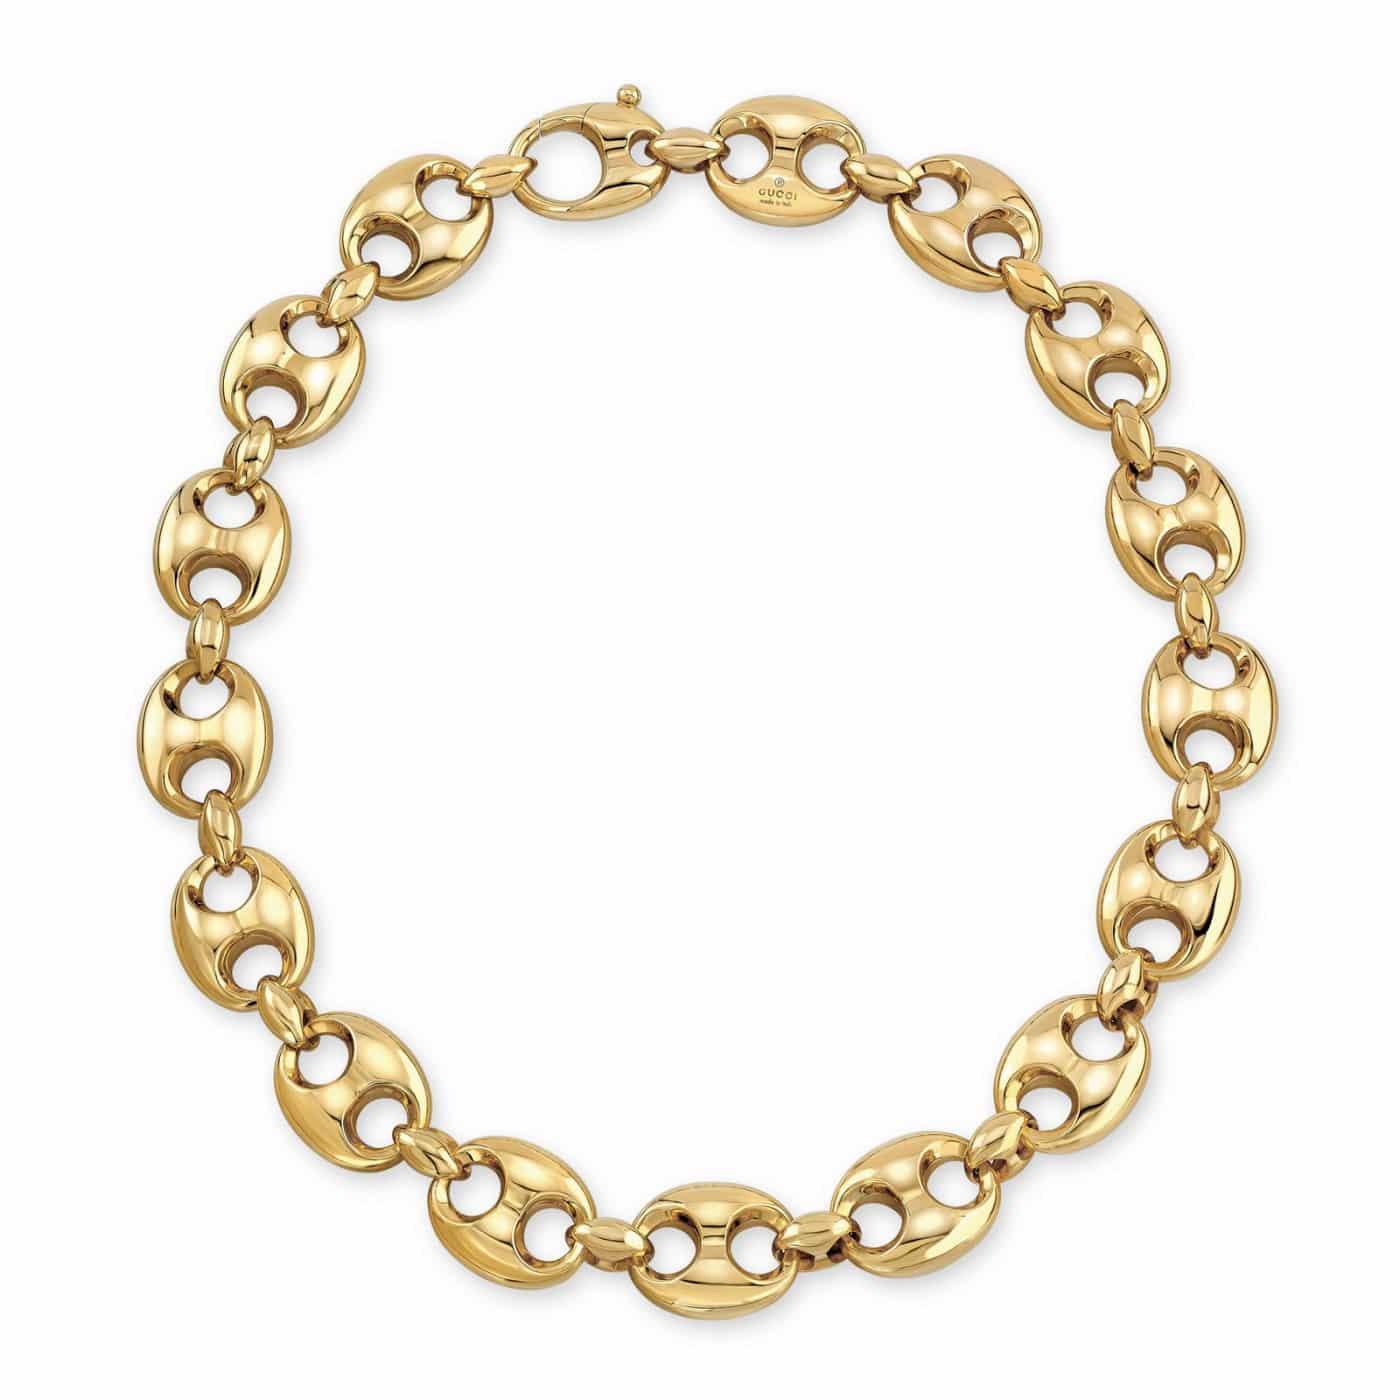 Gucci Marina Chain Necklace